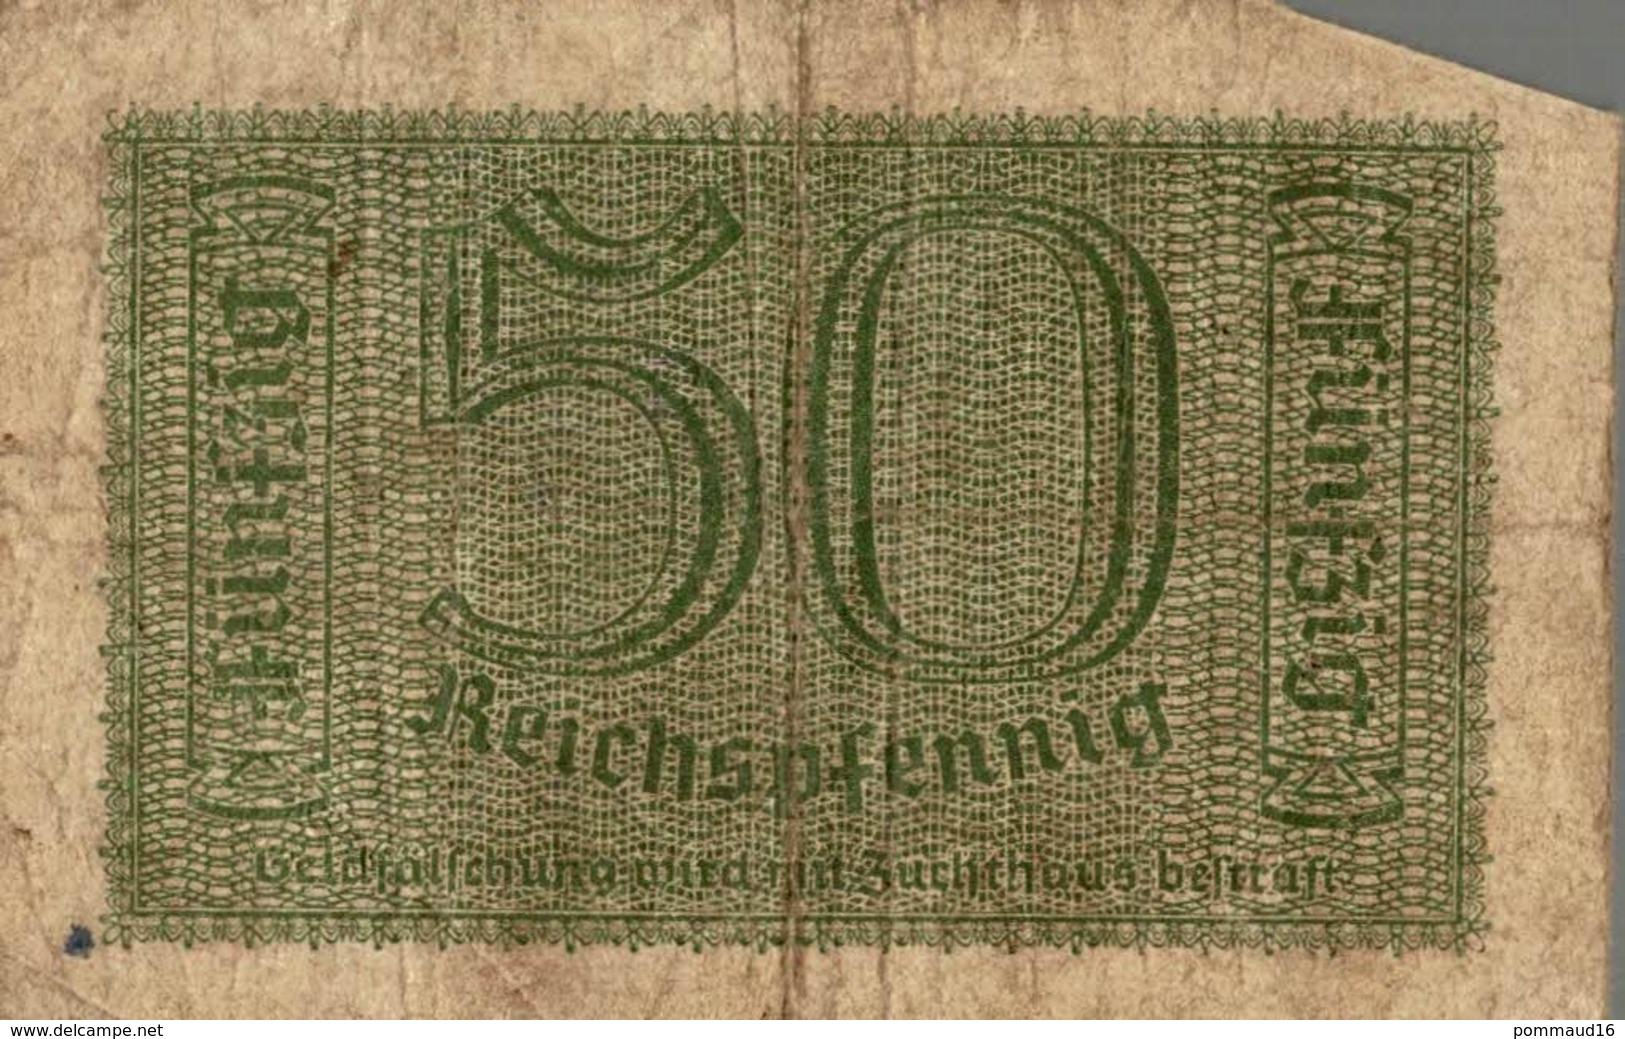 Billet Fünfzig Reichspfenning 50 - 50 Reichsmark